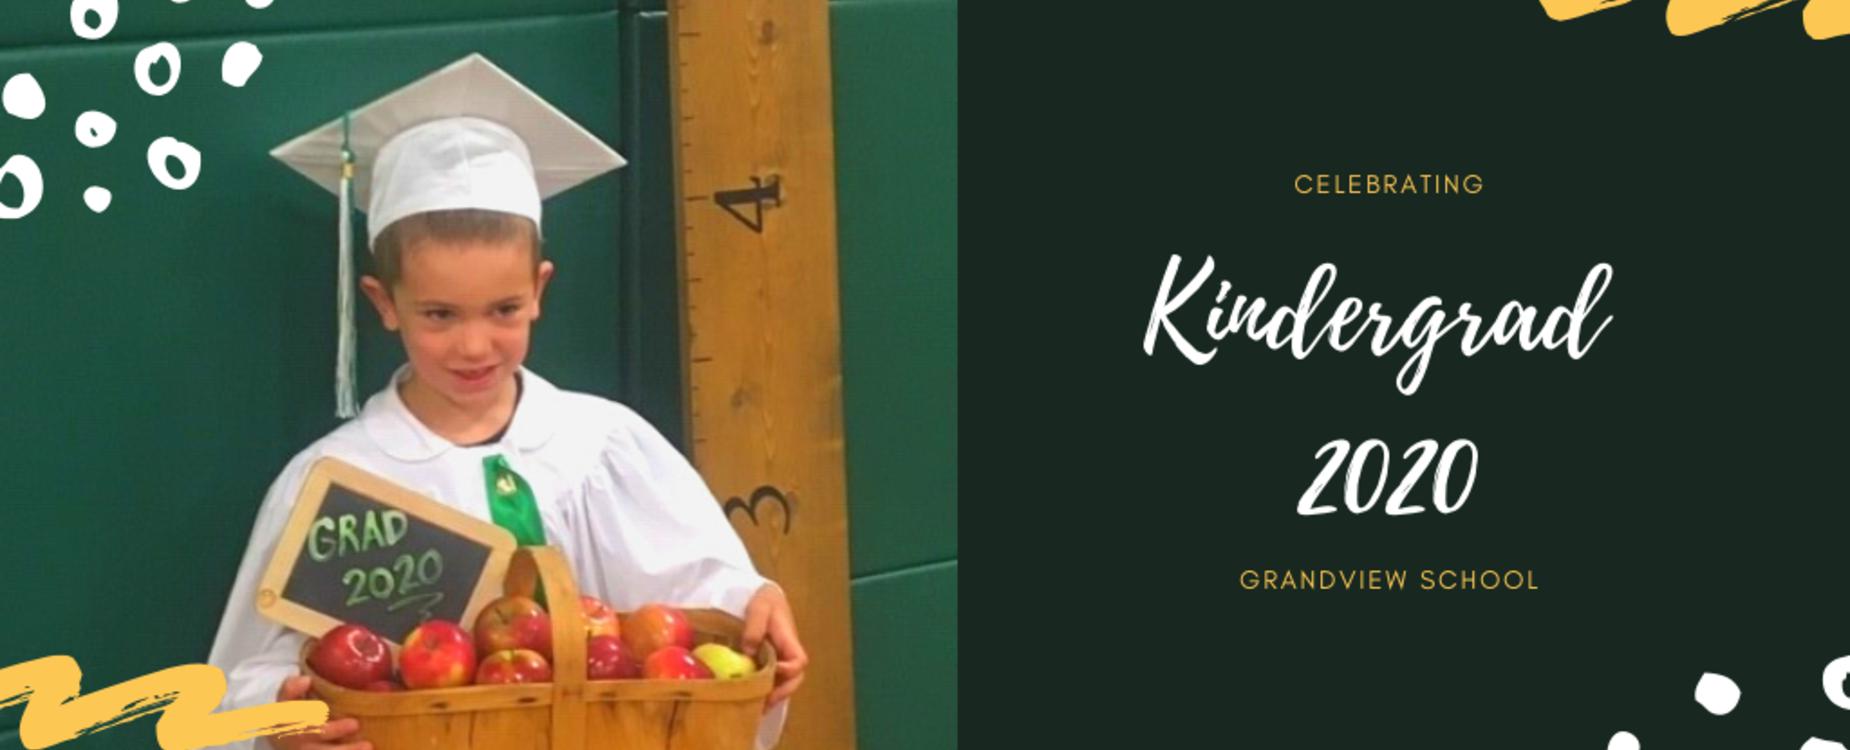 kindergarten student in cap and gown